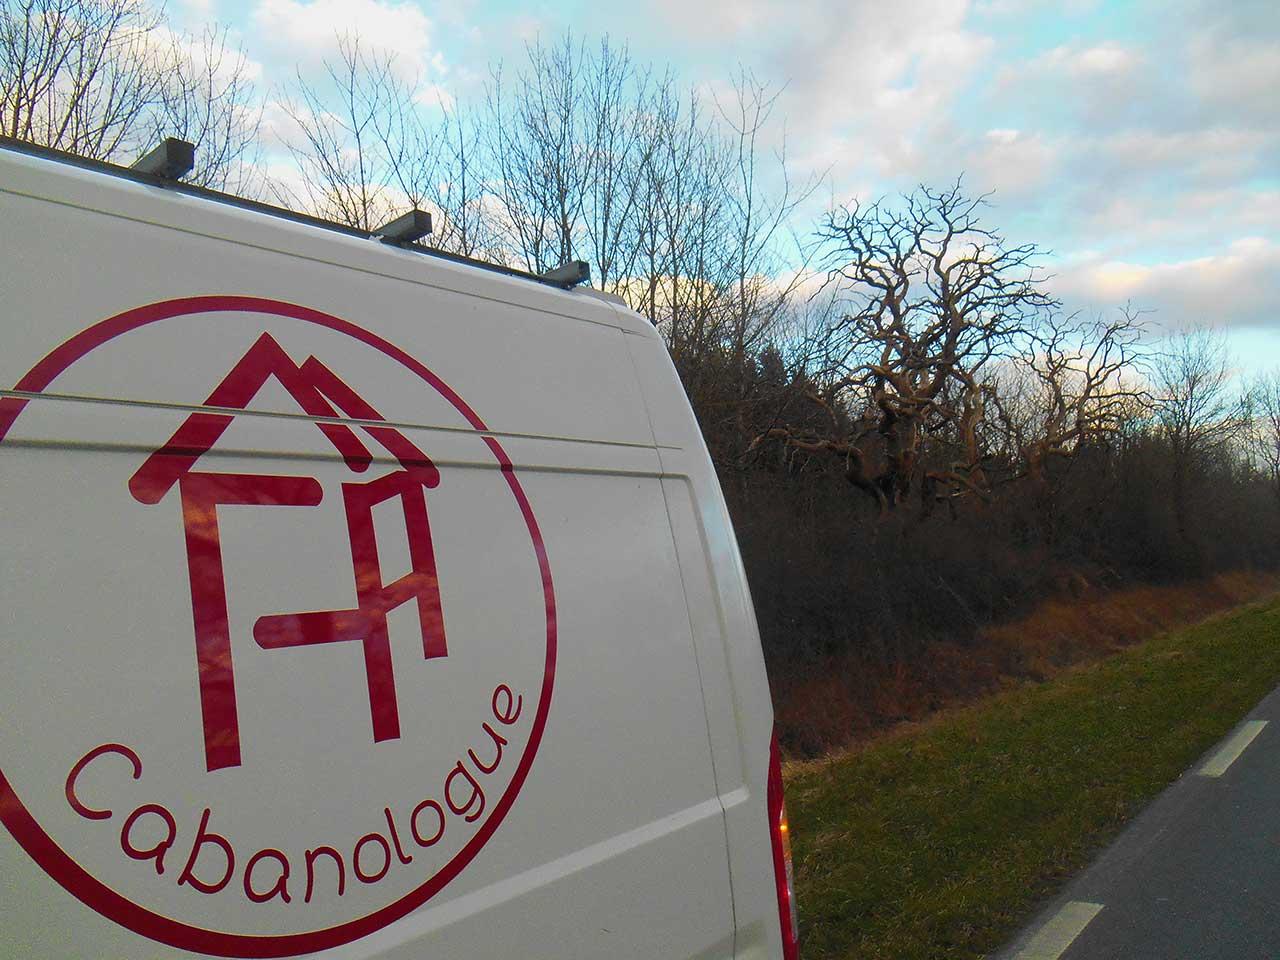 Logo sur le camion Cabanologue